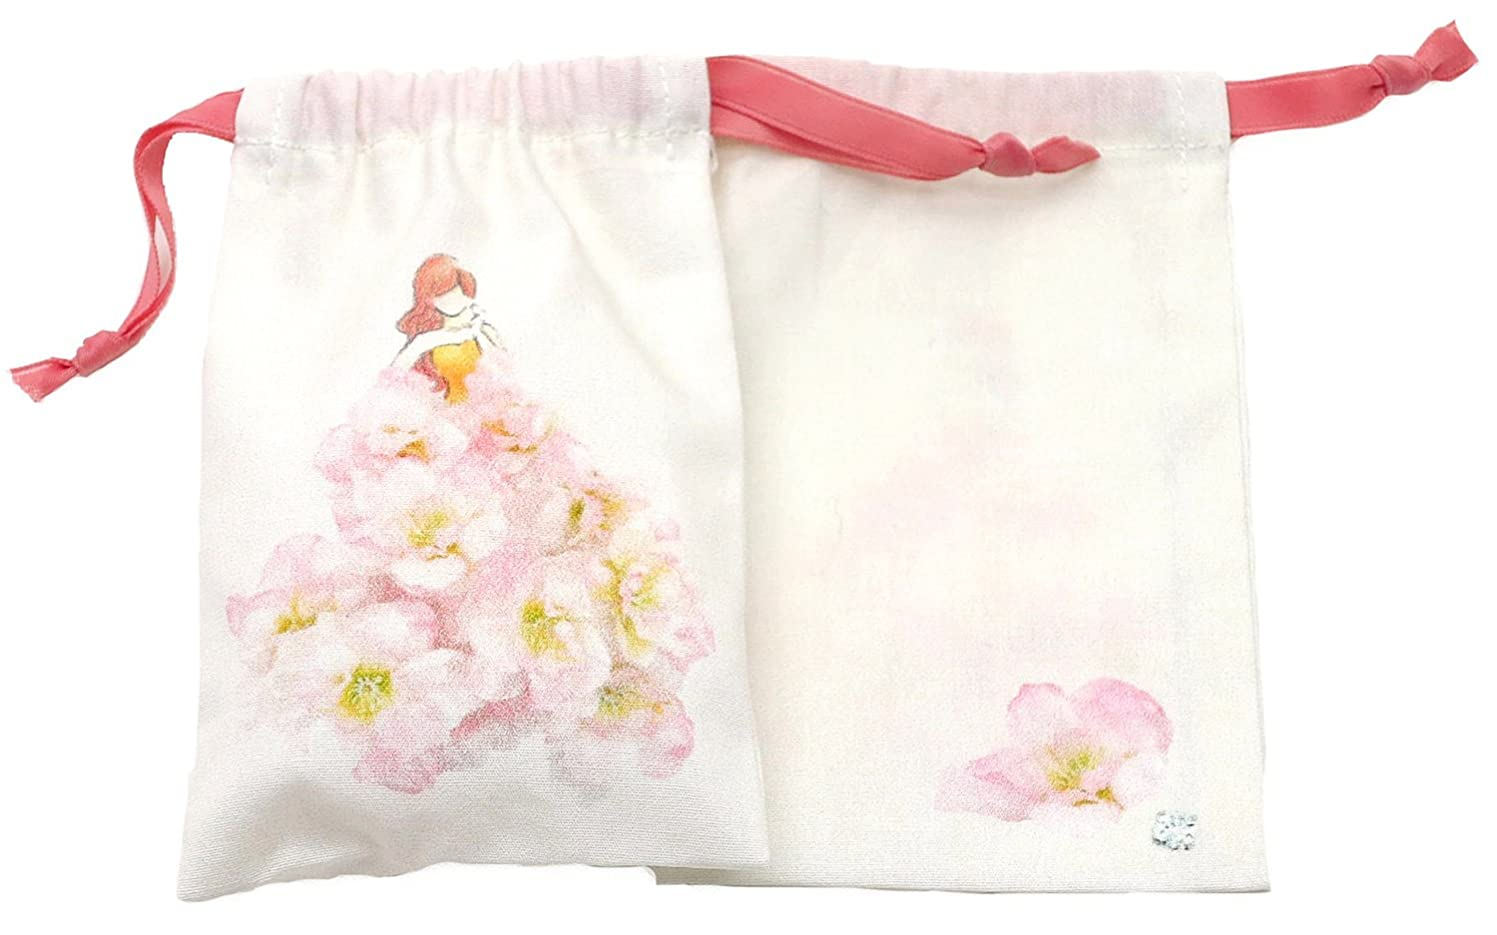 保守可能流体ファランクスセ?ルポゼ サシェ(香り袋) ドレス ピンク ブロッサム 消臭 除湿 バイオ抗菌 日本製 IJS31-01-2